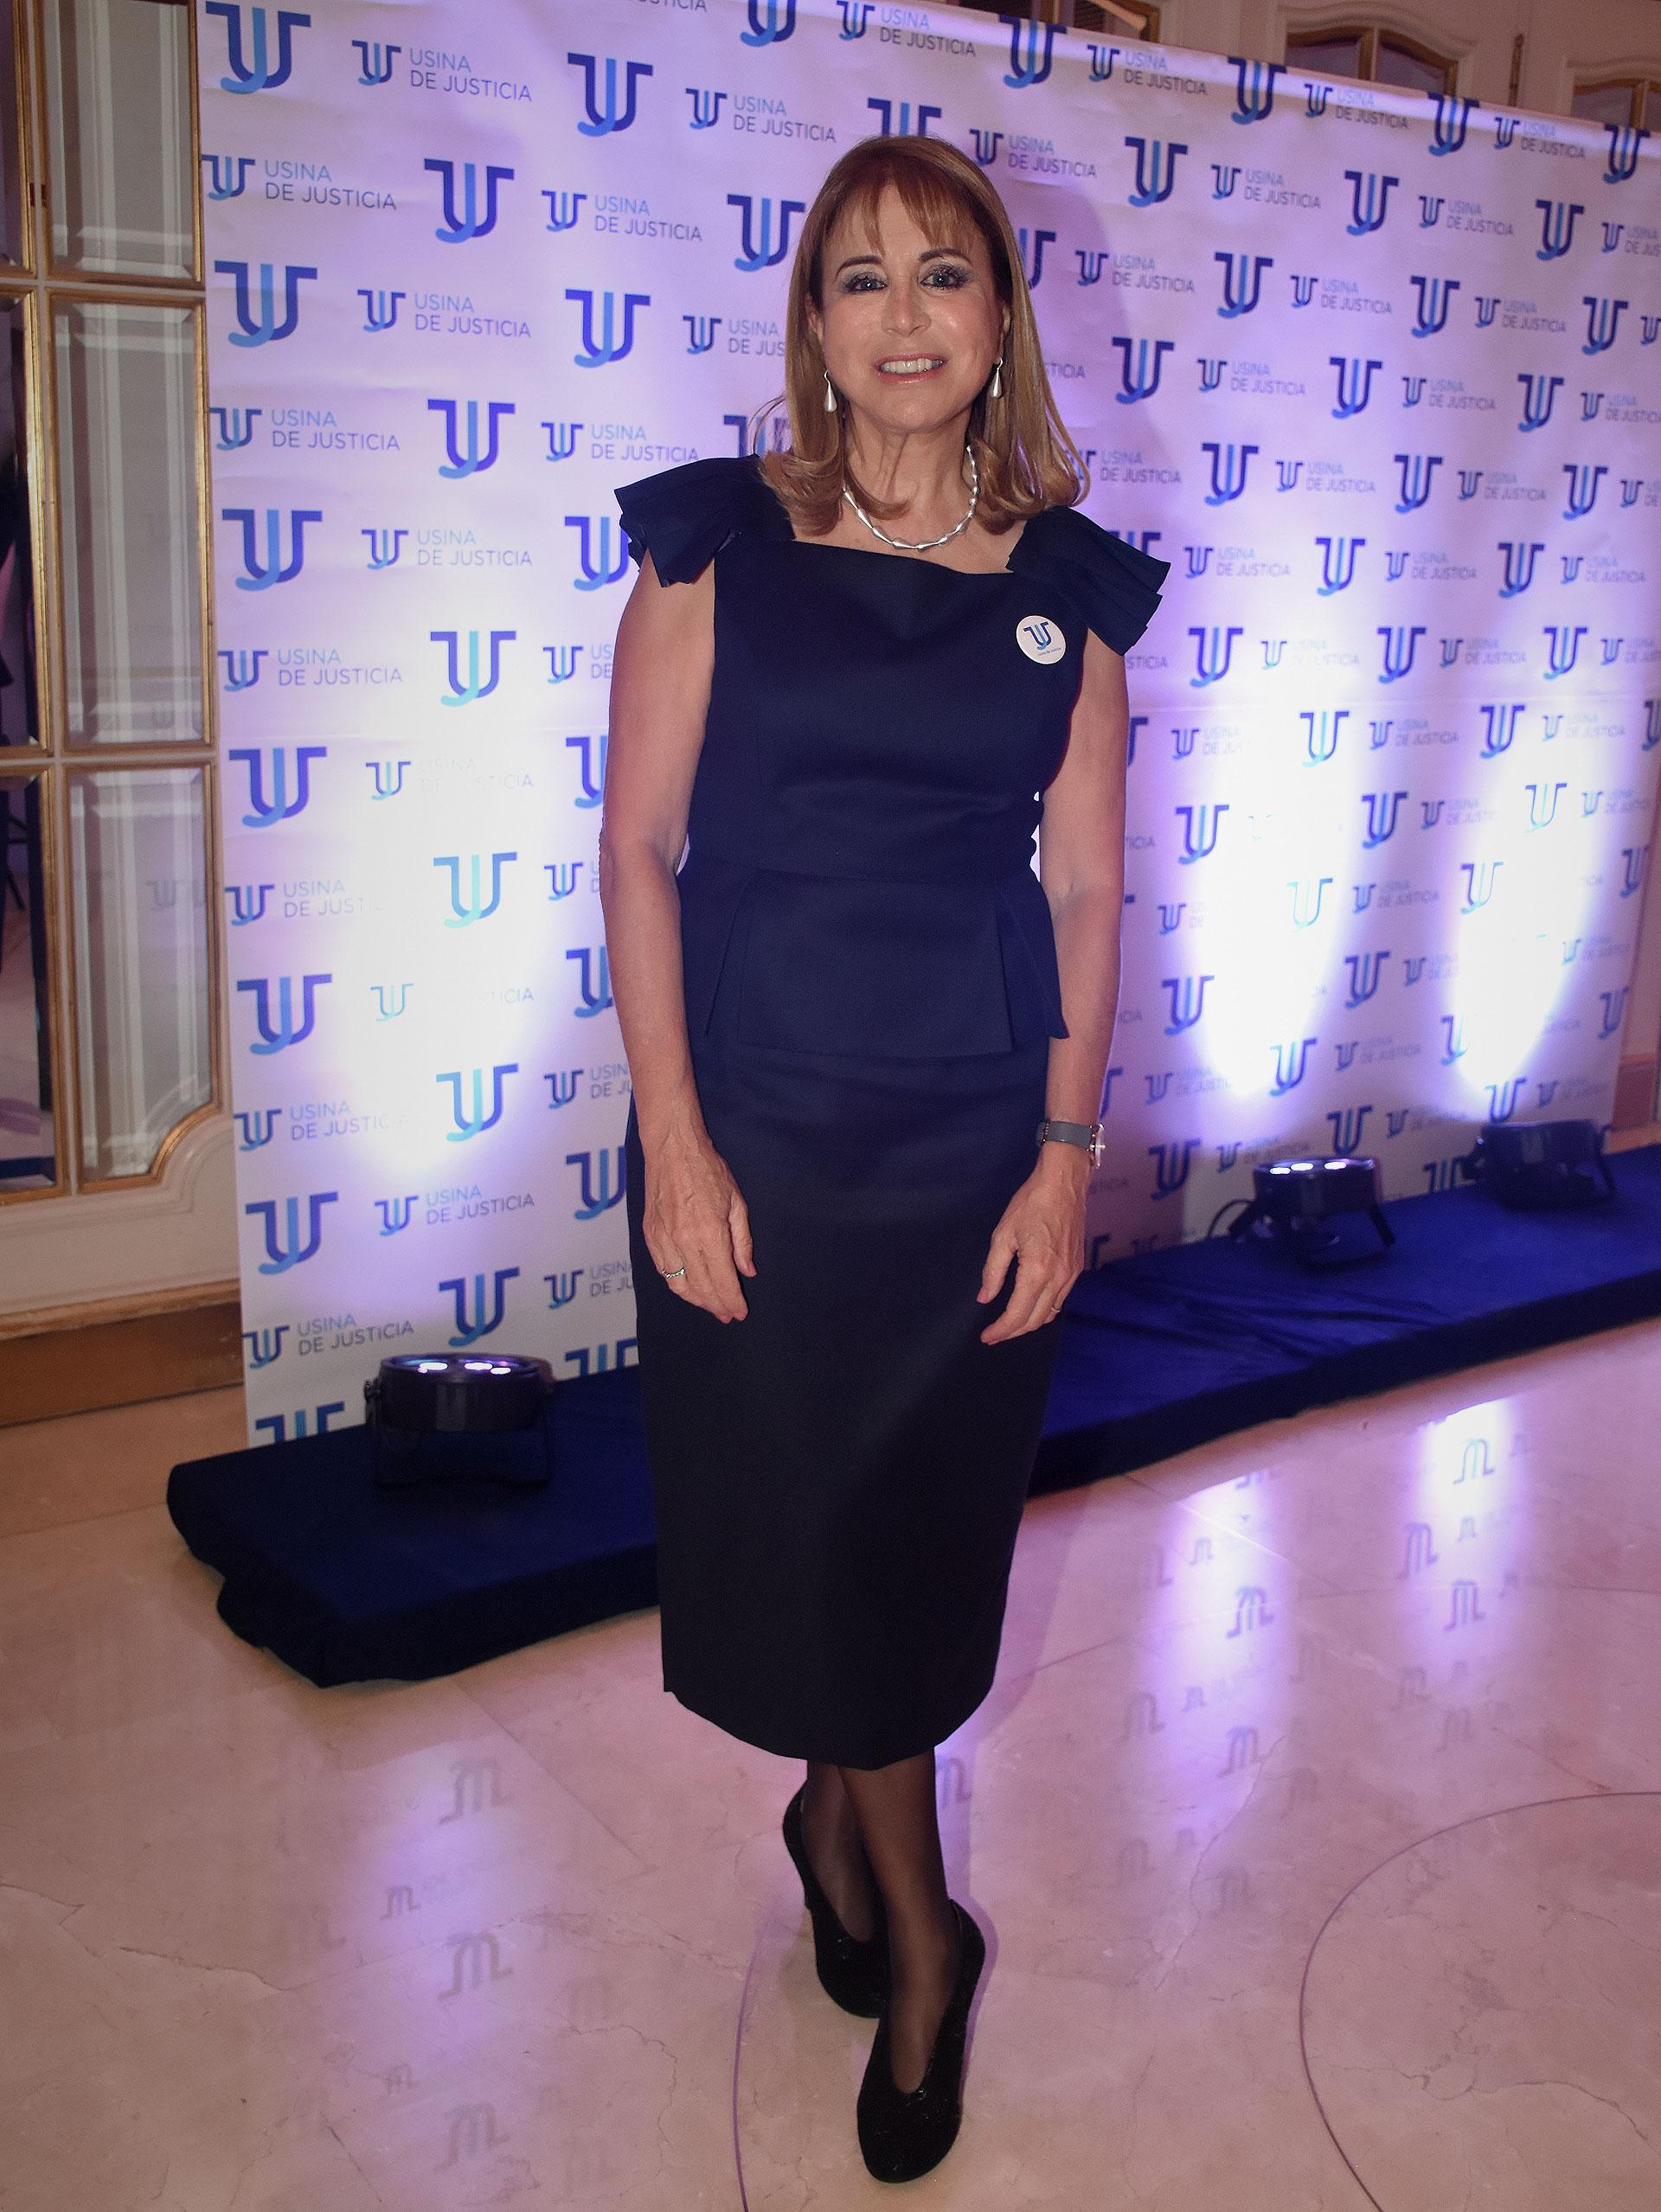 Diana Cohen Agrest, presidente y fundadora de Usina de Justicia